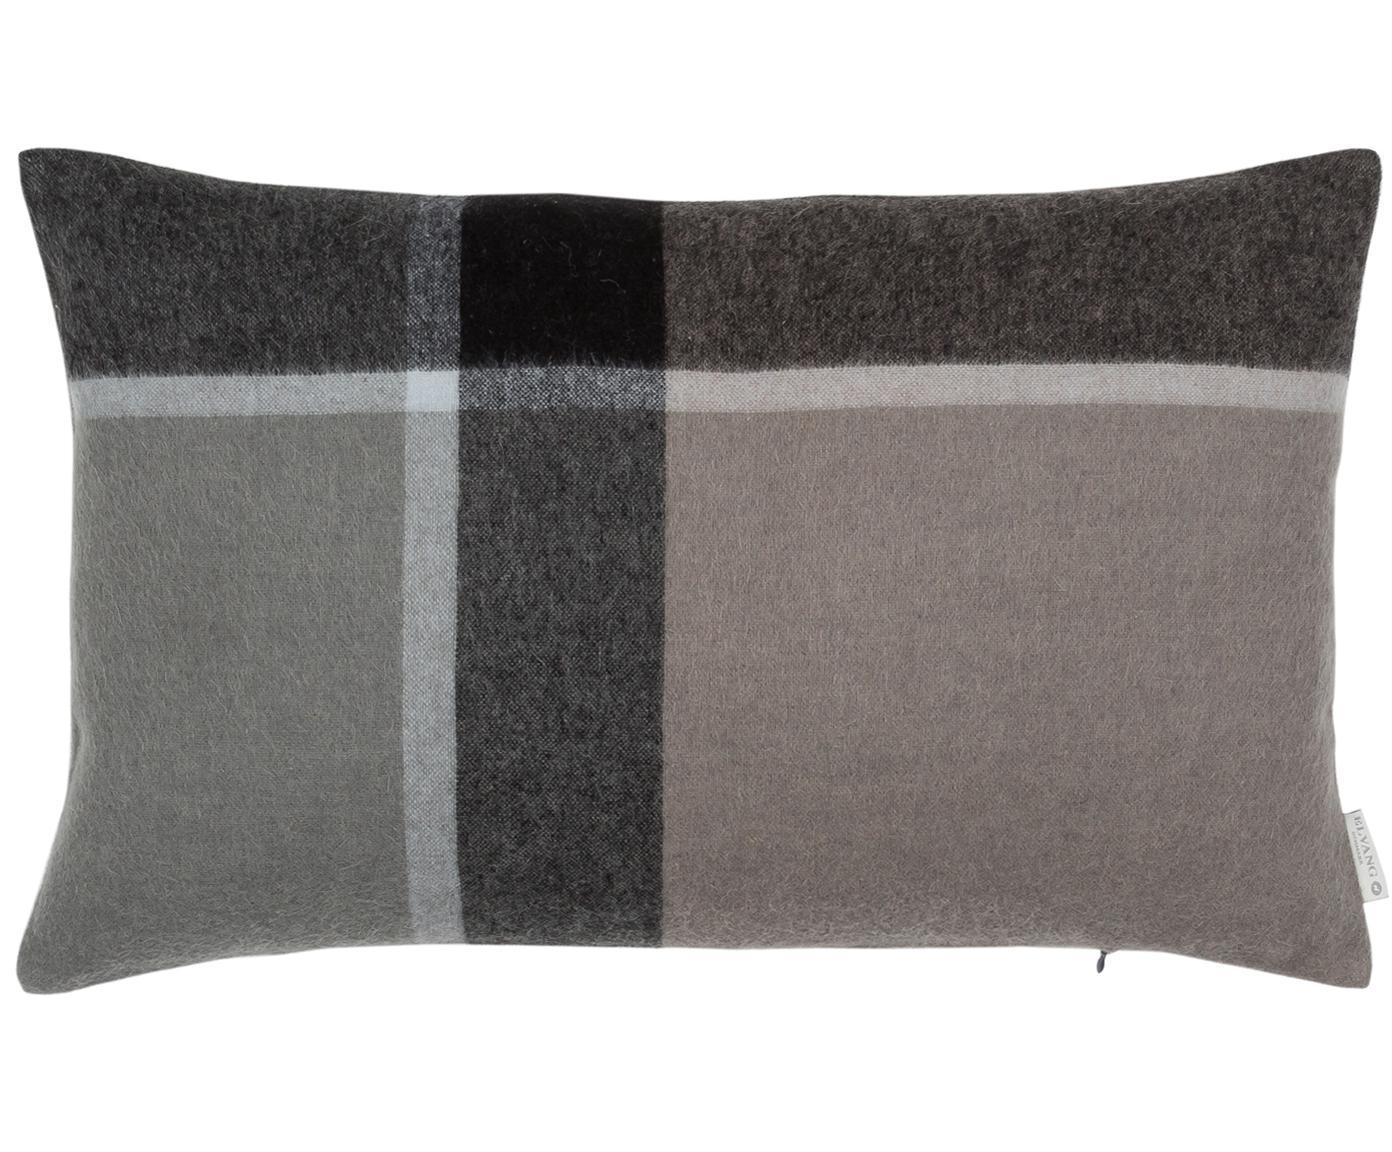 Alpacawollen kussenhoes Manhattan, 50% alpacawol, 40% schapenwol, 10% microvezel, Antraciet, grijs, 40 x 60 cm